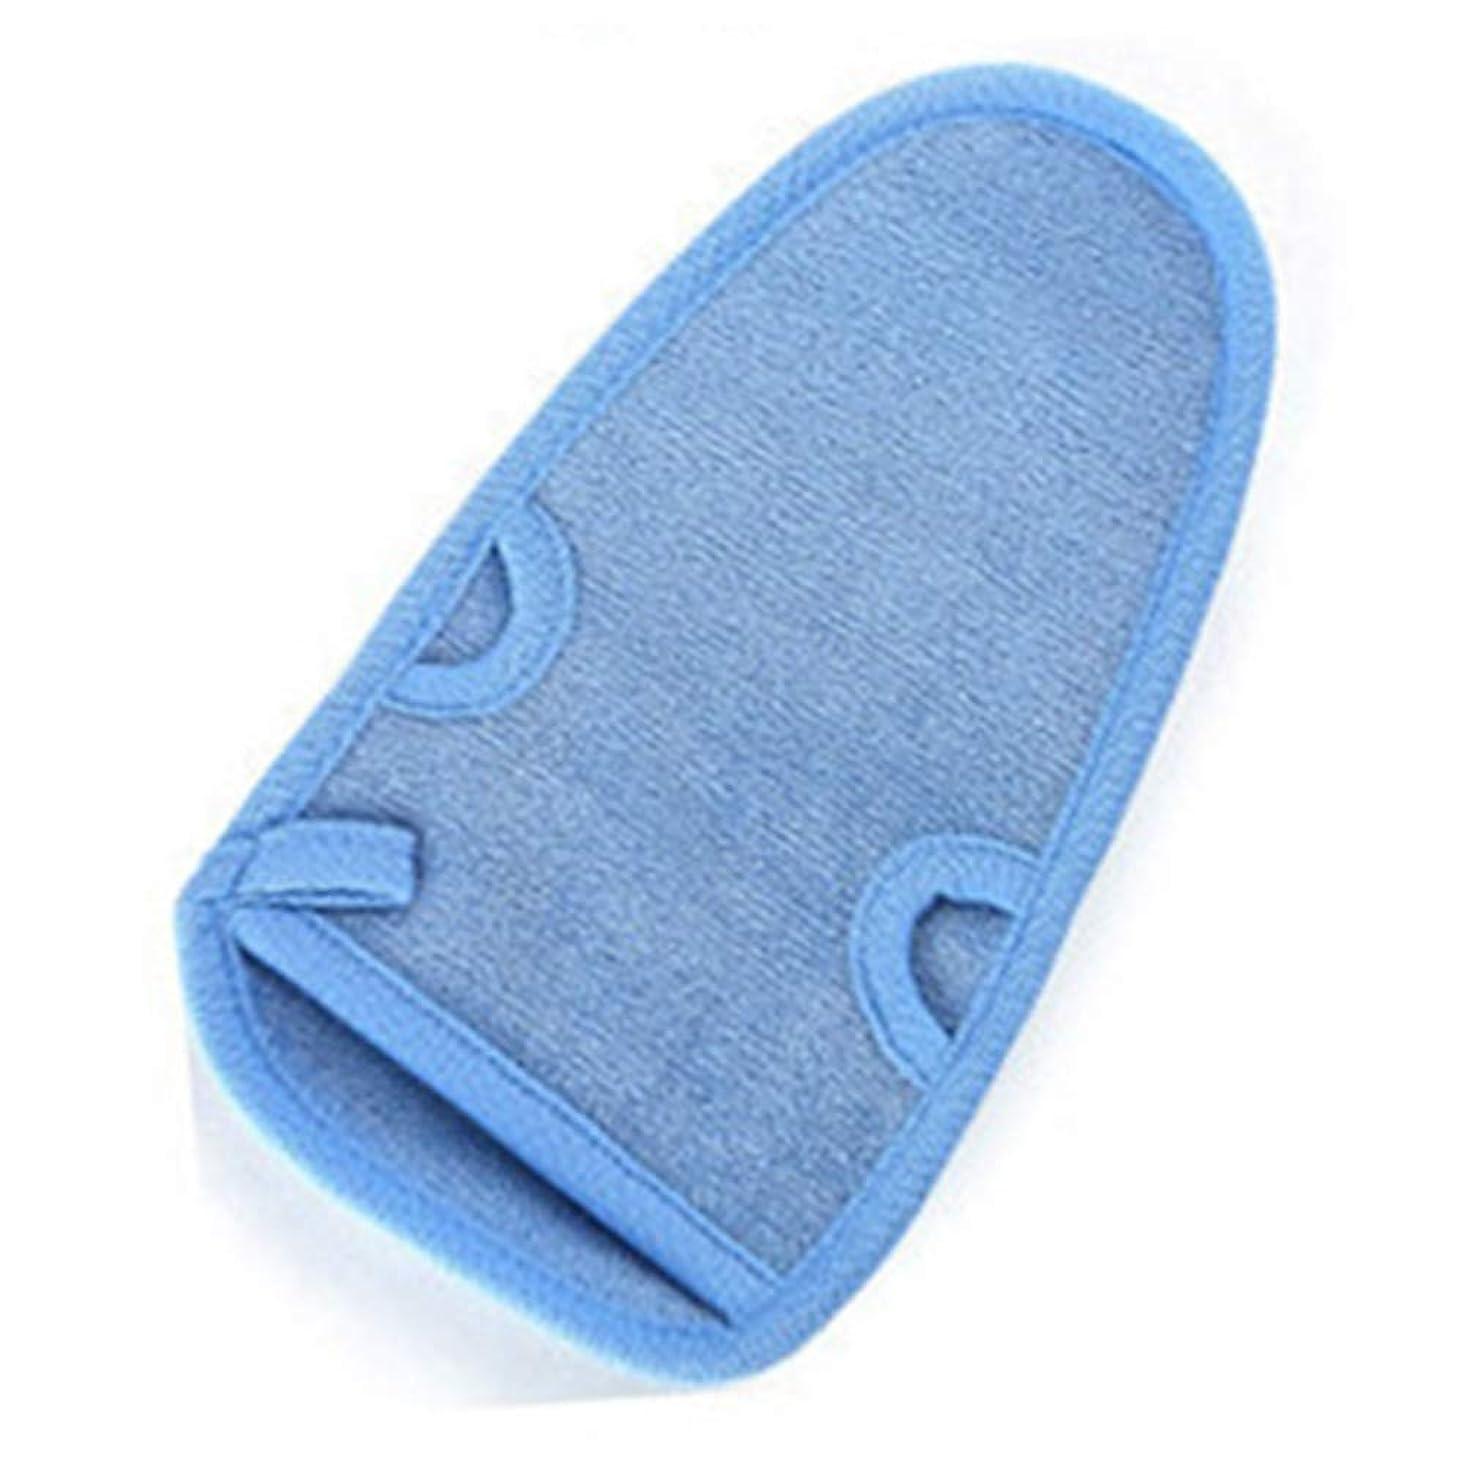 暴力的なアクロバットデジタル手袋角質除去ユニセックスミトン削除デッドスキンバススクラブスクラブミットボディシャワーディープエクスフォリエーション(ブルー)